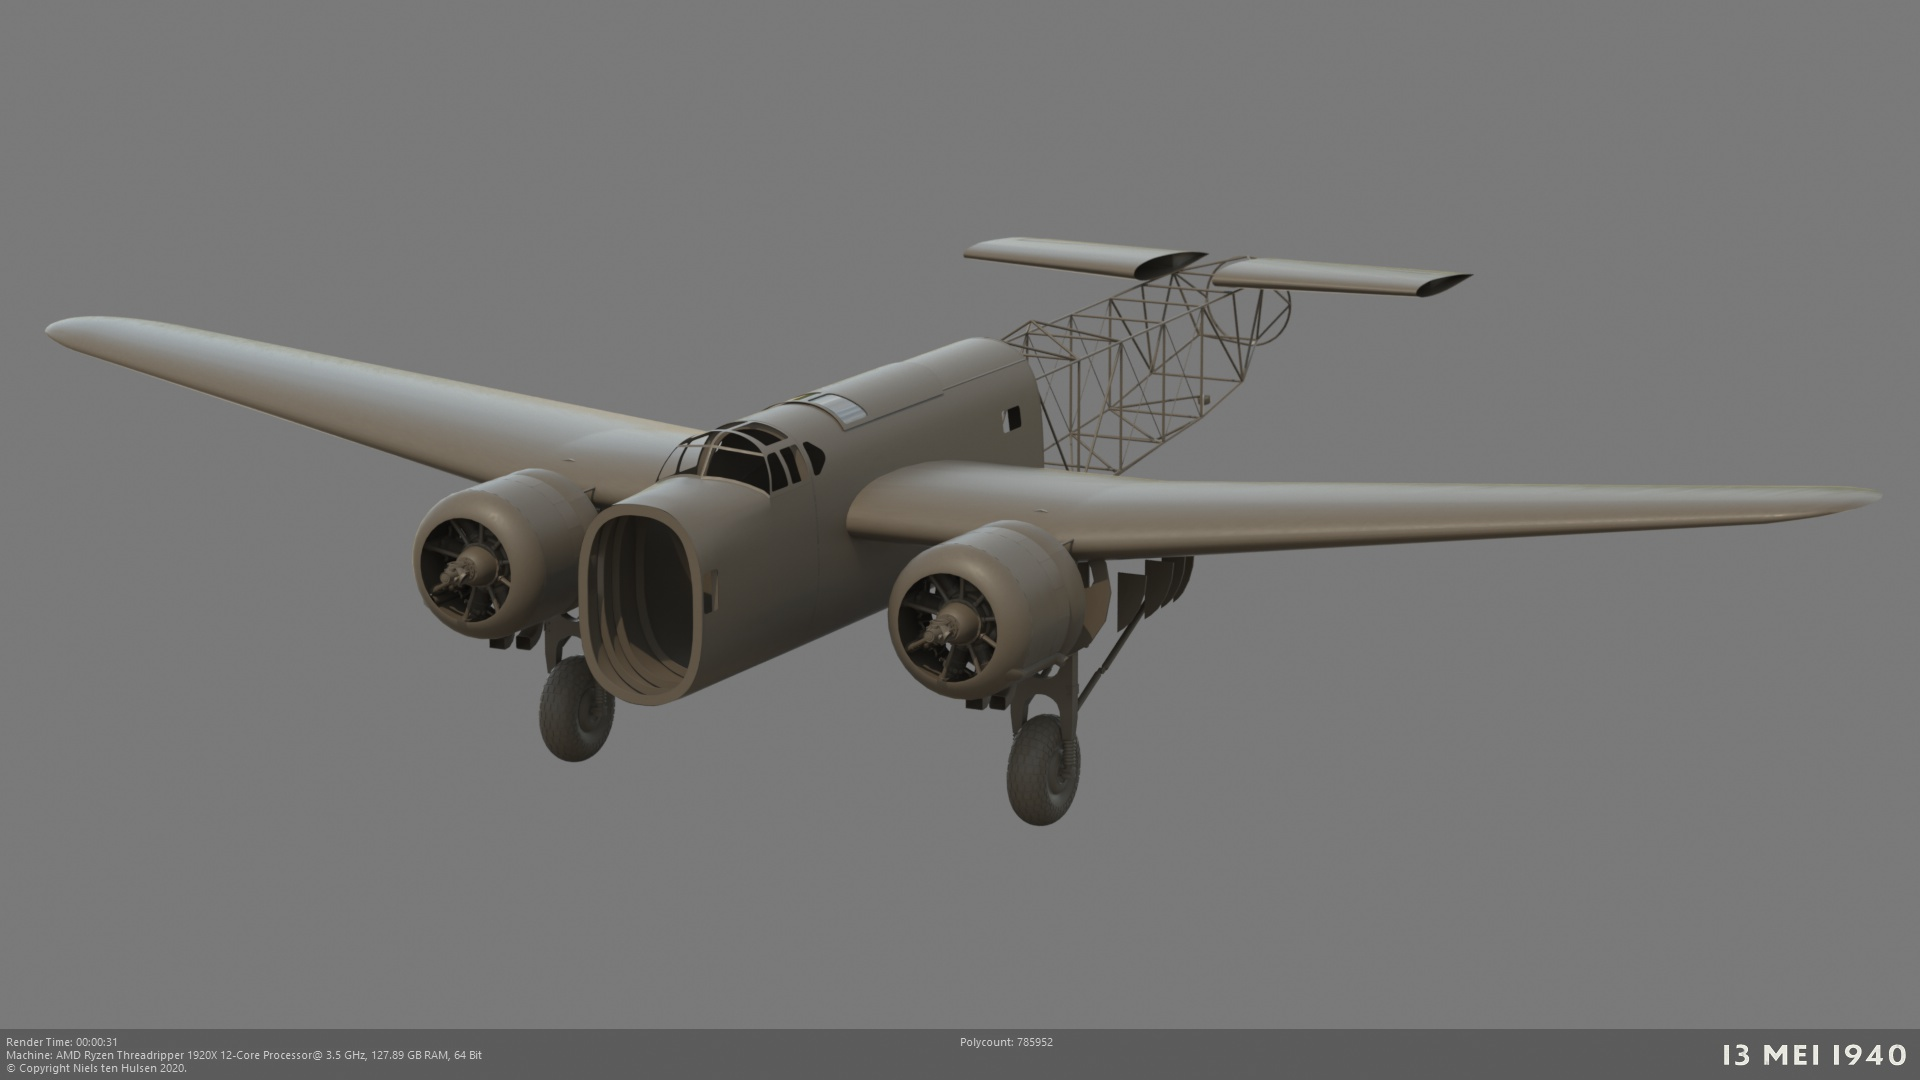 Naam: 001_FokkerT5_motor12.jpg Bekeken: 93 Grootte: 188,3 KB